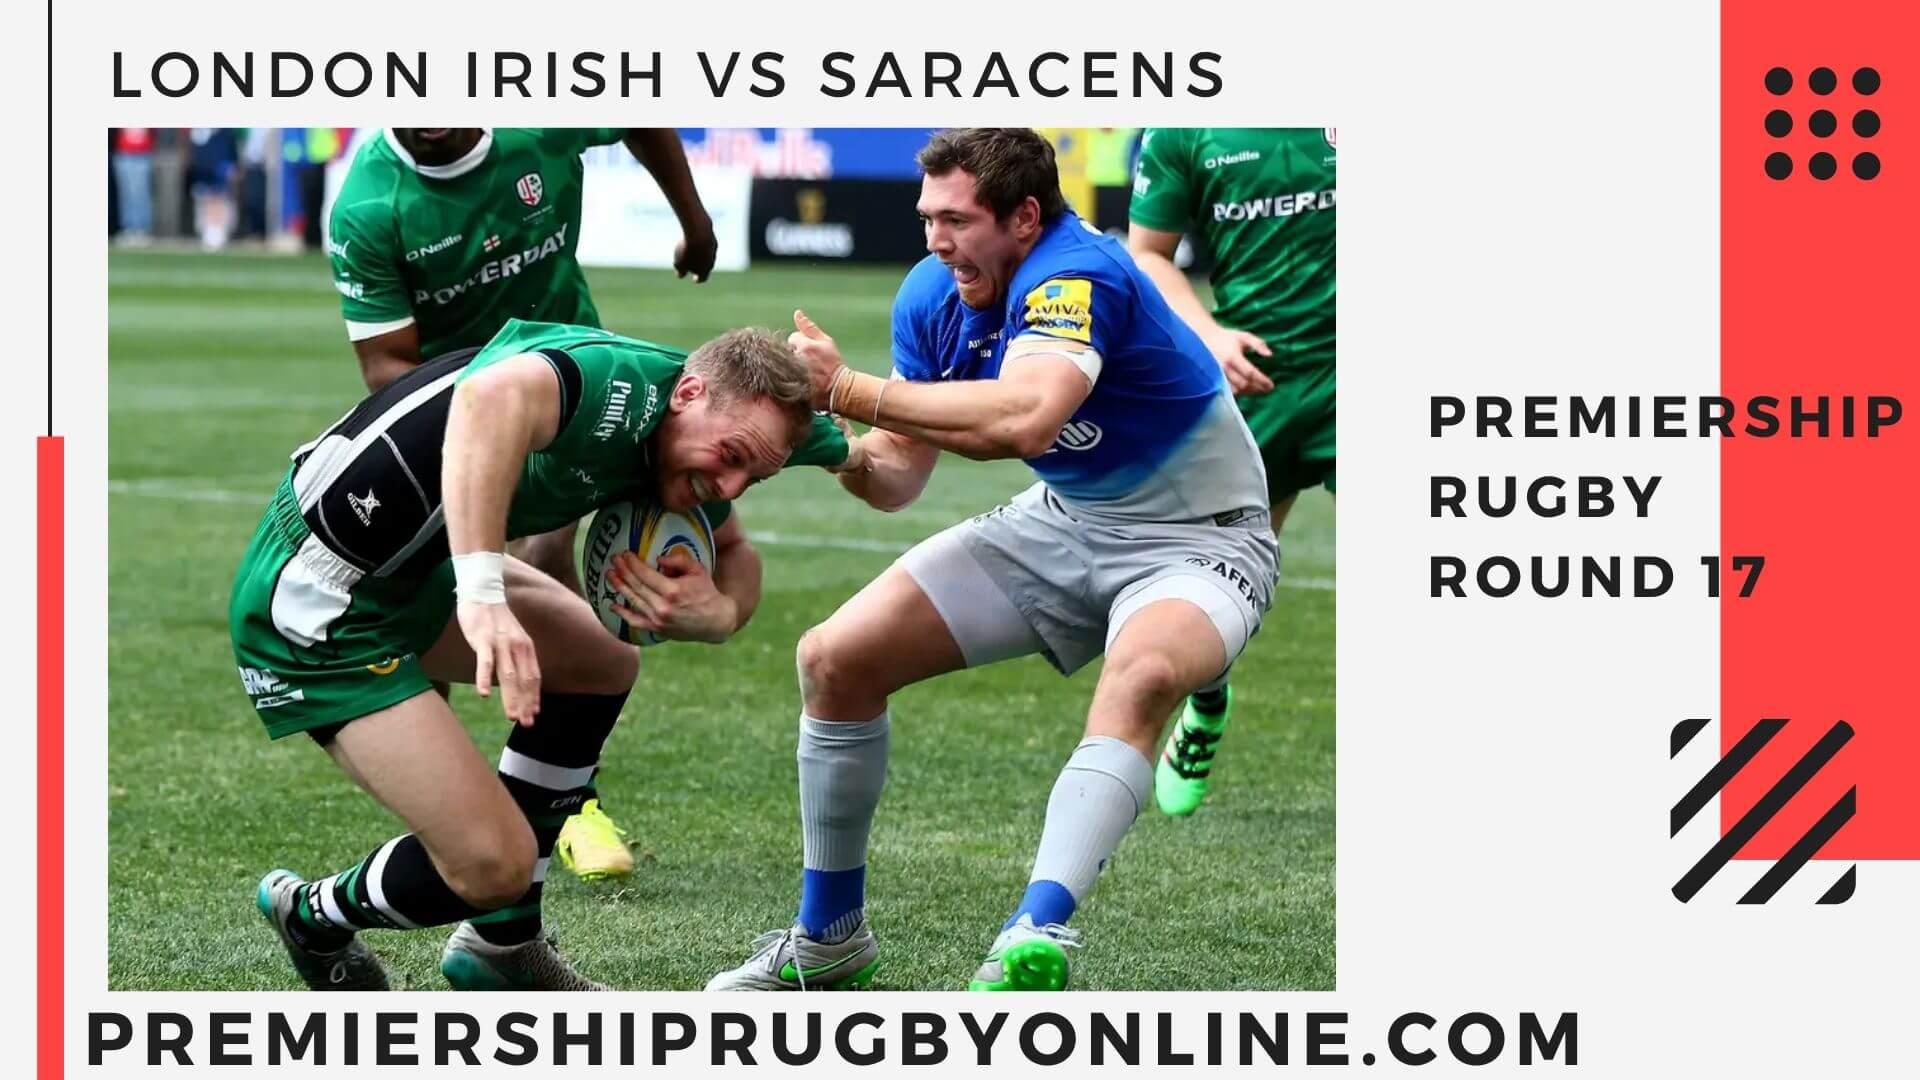 London Irish vs Saracens Postponed   Round 17